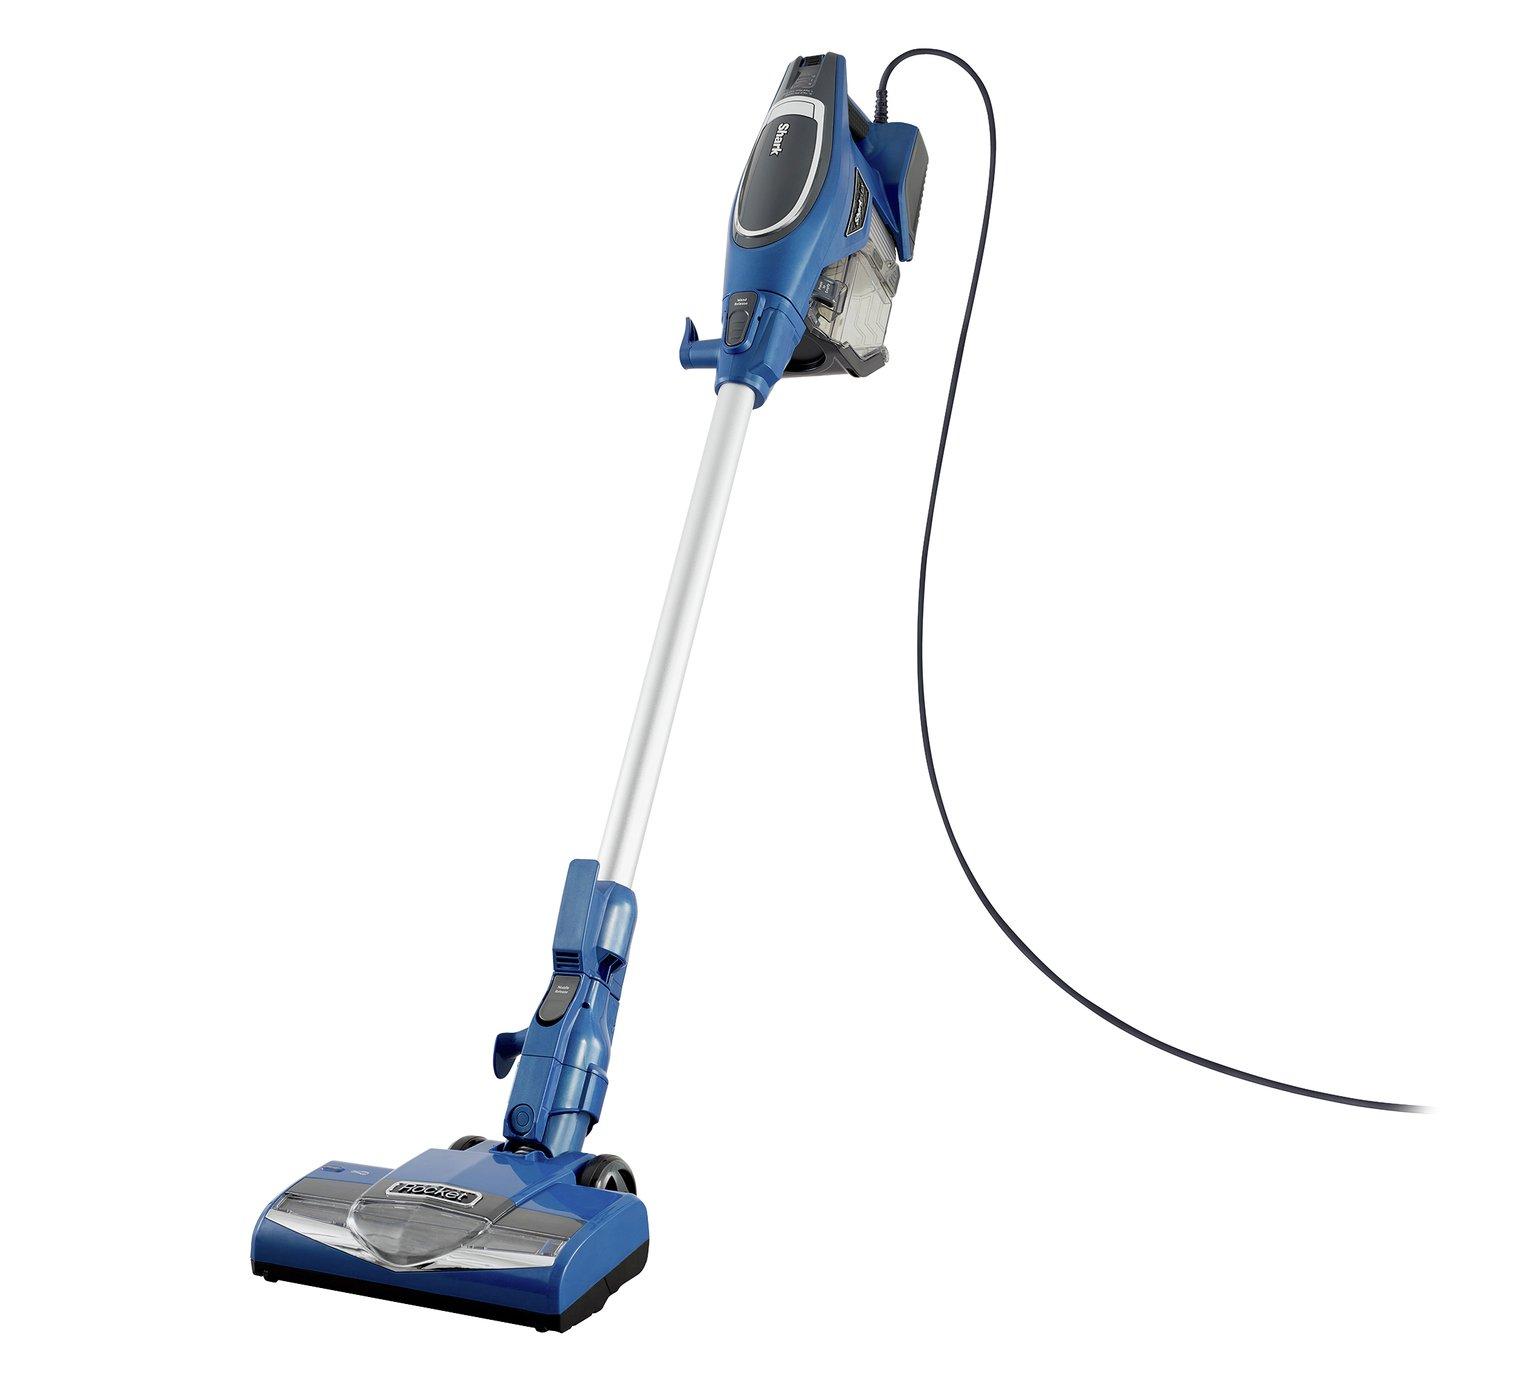 Shark HV330UK Rocket Handstick Vacuum Cleaner